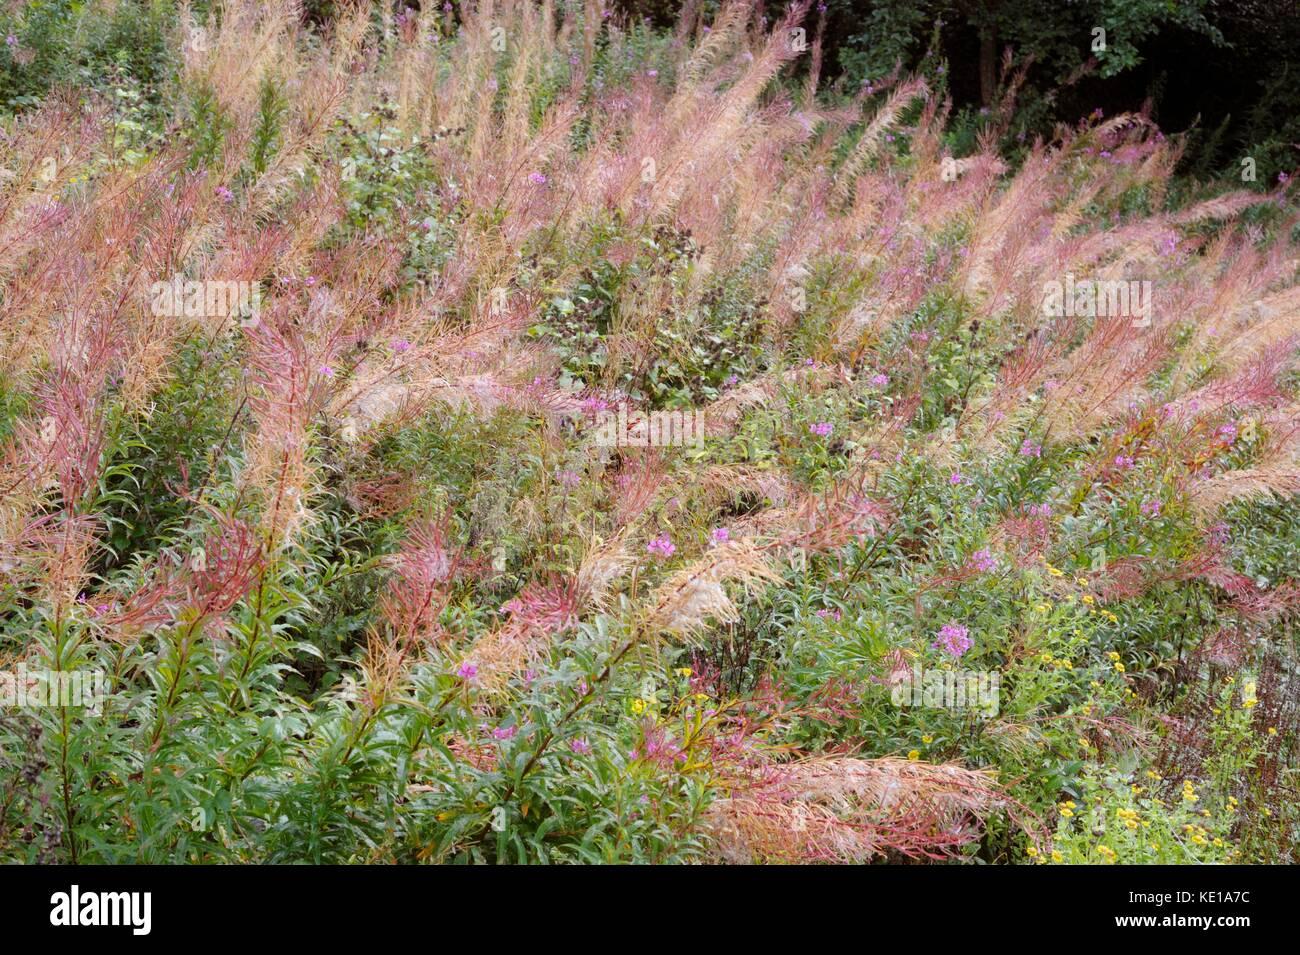 Epilobium angustifolium, Chamaenerion angustifolium, Chamerion angustifolium, Rosebay Willowherb or Fireweed seedheads, Stock Photo